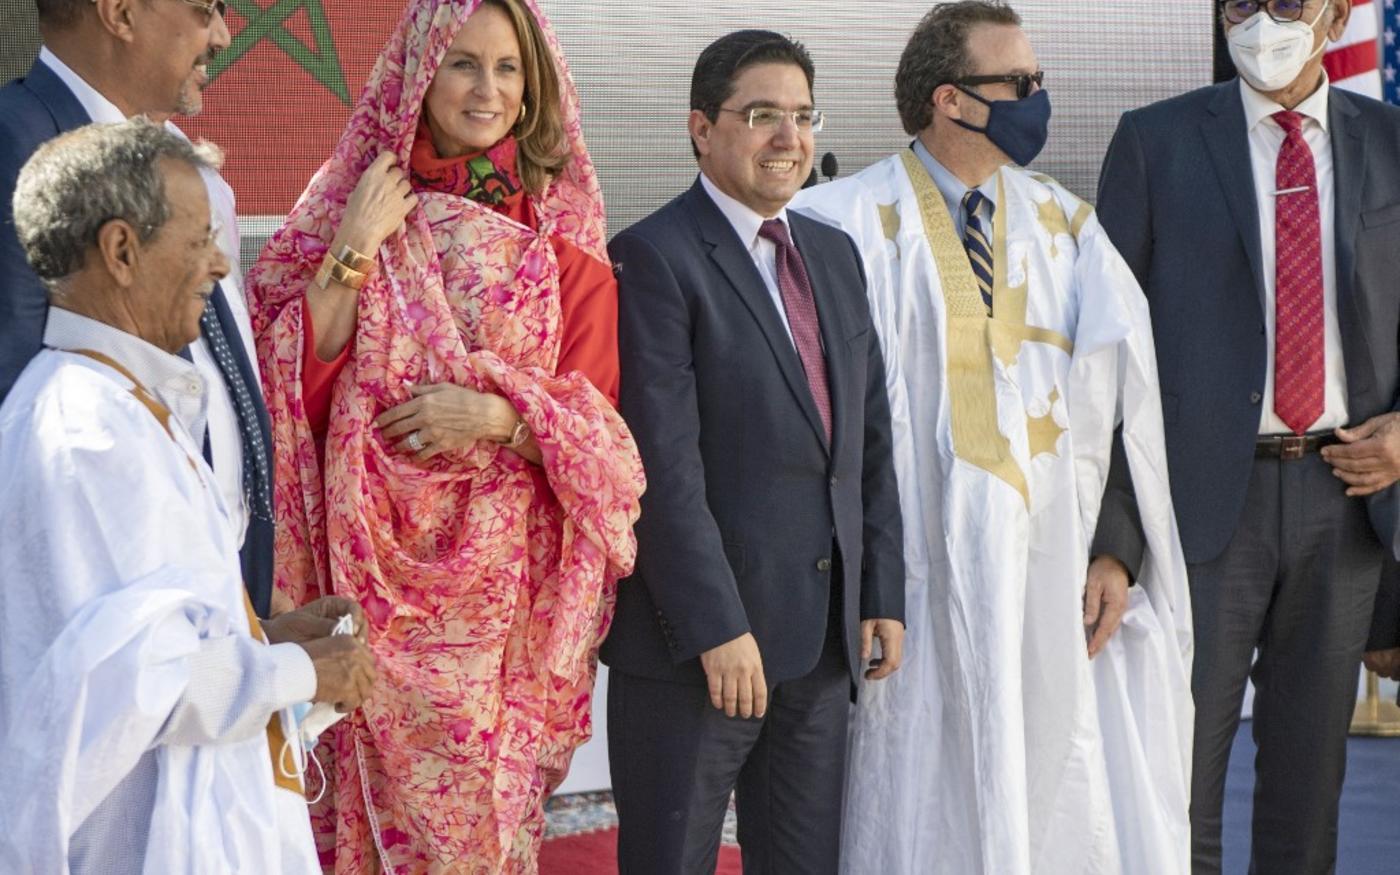 Le chef de la diplomatie marocaine Nasser Bourita et le sous-secrétaire d'État américain David Schenker en tunique traditionnelle, à Dakhla, au Sahara occidental, le 10 janvier 2021 (AFP)